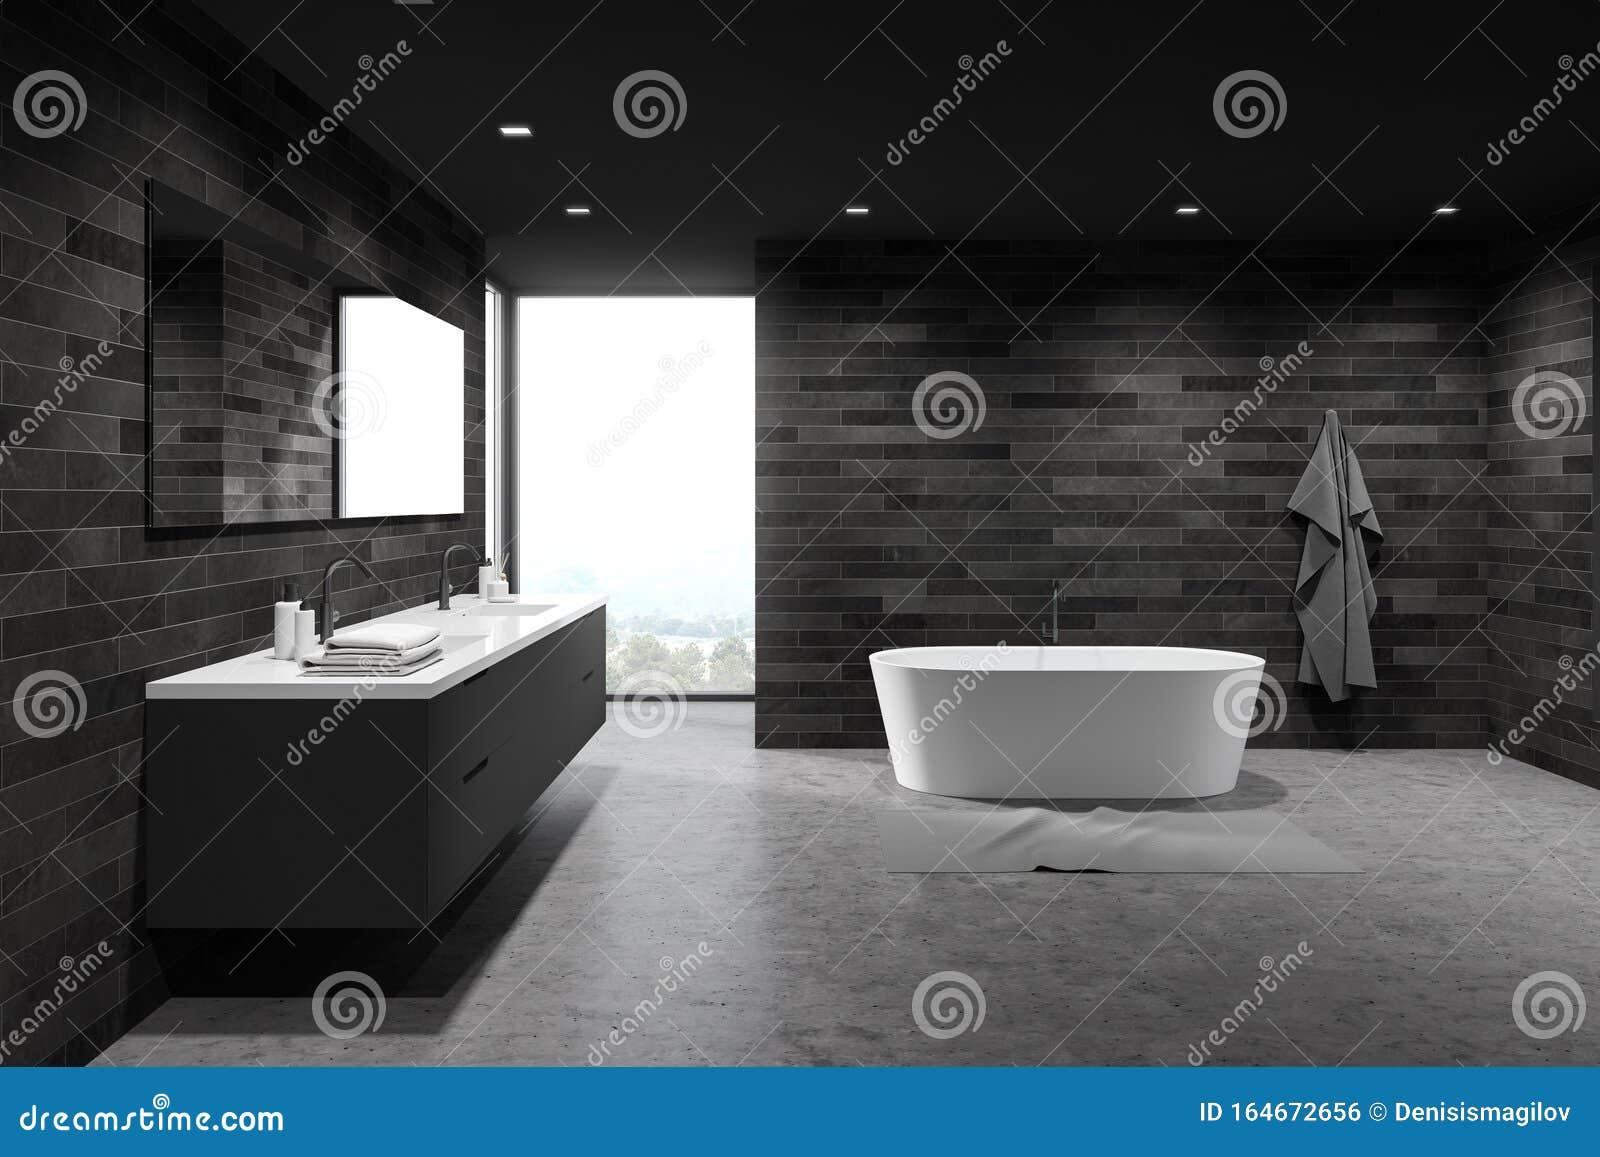 Dunkle Fliesen Geräumige Badezimmer, Wanne Und Waschbecken Stock ...